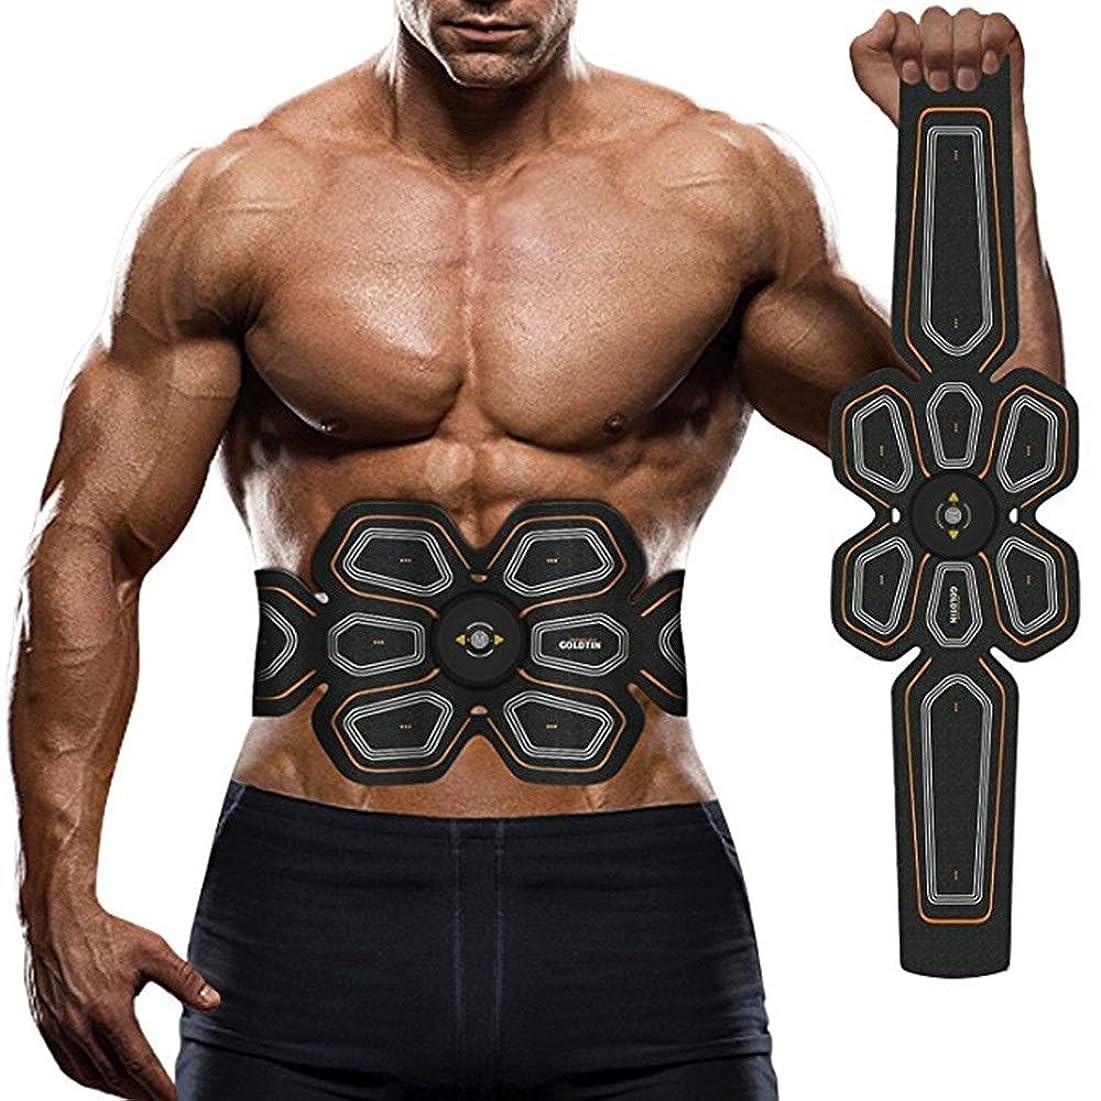 お手伝いさん実際住人EMSフィットネストレーナー、筋肉腹部刺激トナーベルトトレーニング脂肪燃焼EMSフィットネス脚ボディトレーニングUSB充電式ジェルパッド家庭用男性と女性に適した